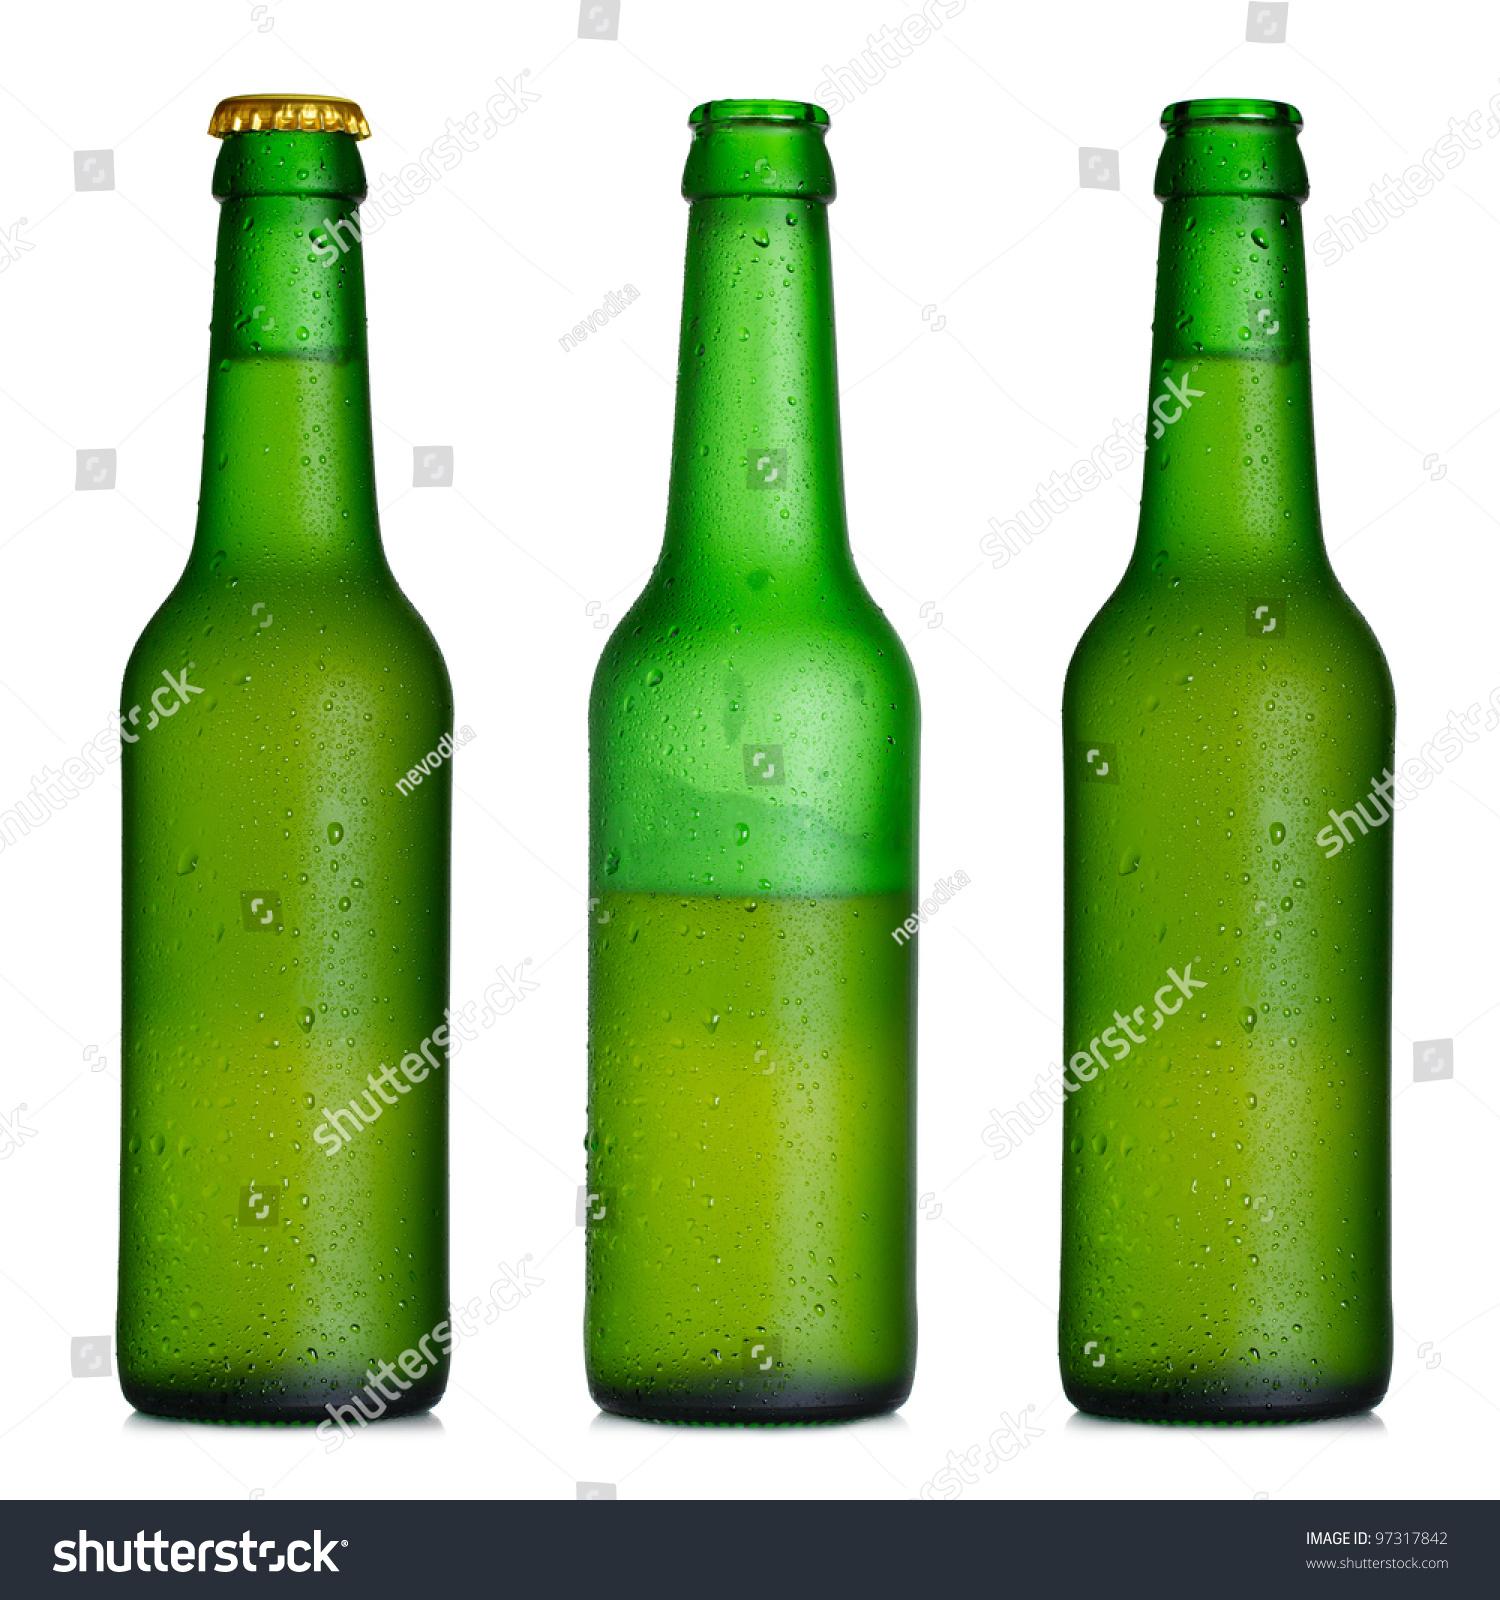 Фото бутылки в очке 18 фотография